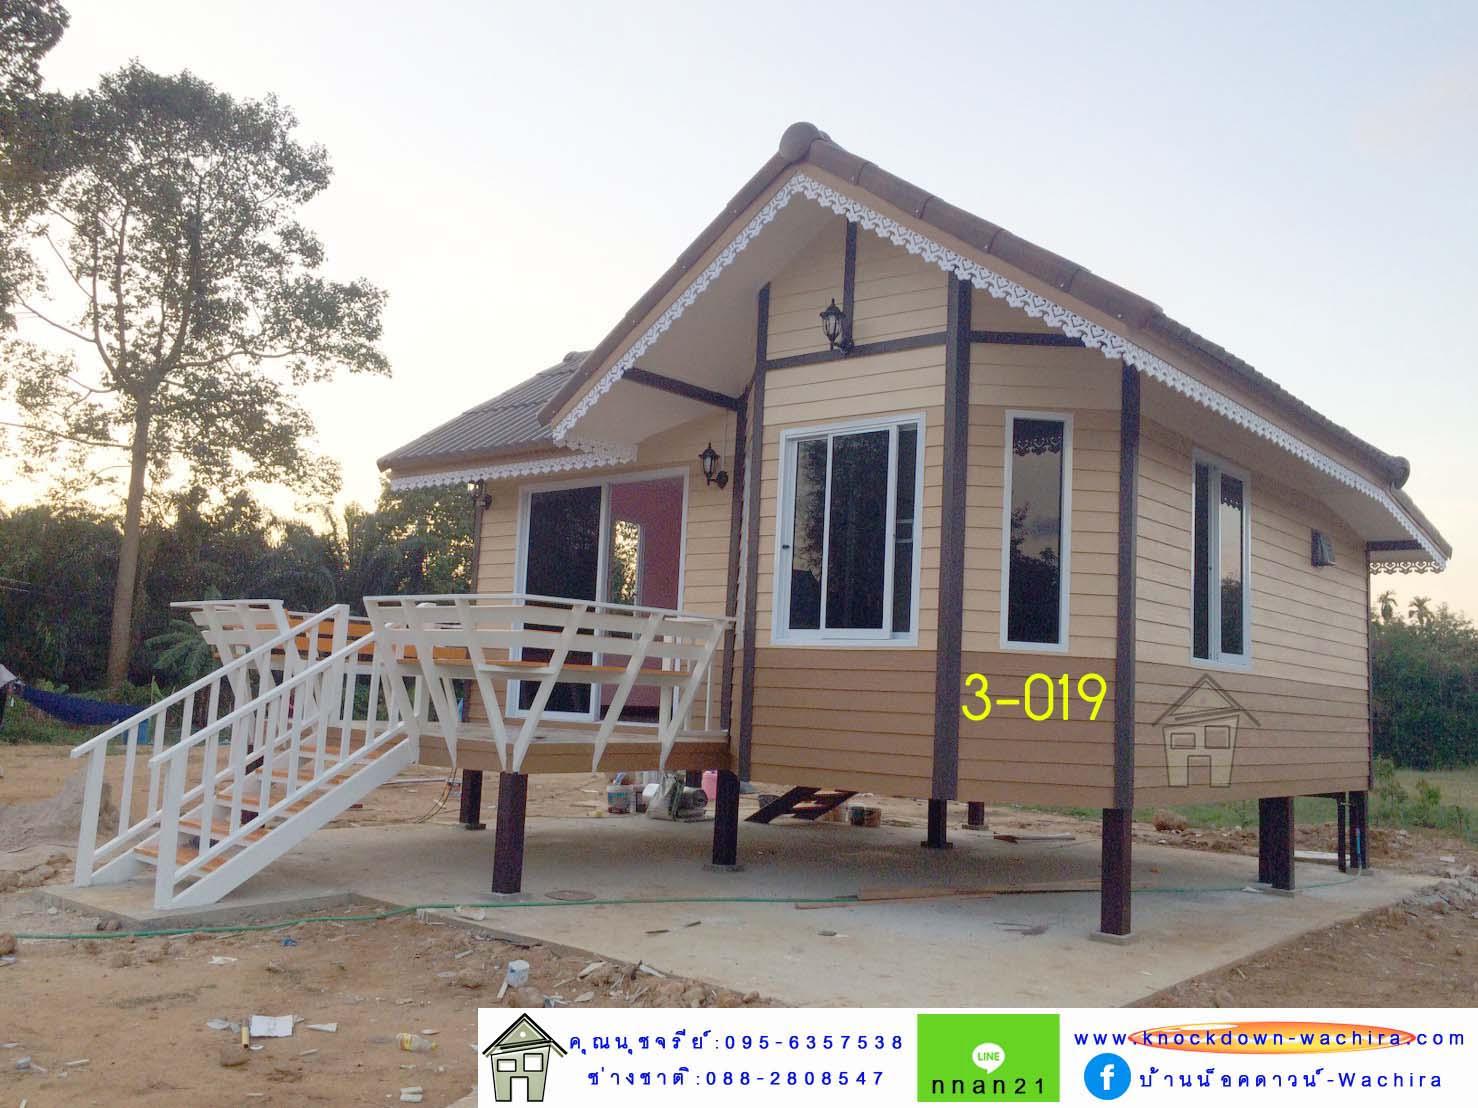 3-019 บ้านน็อคดาวน์ ทรงจั่ว